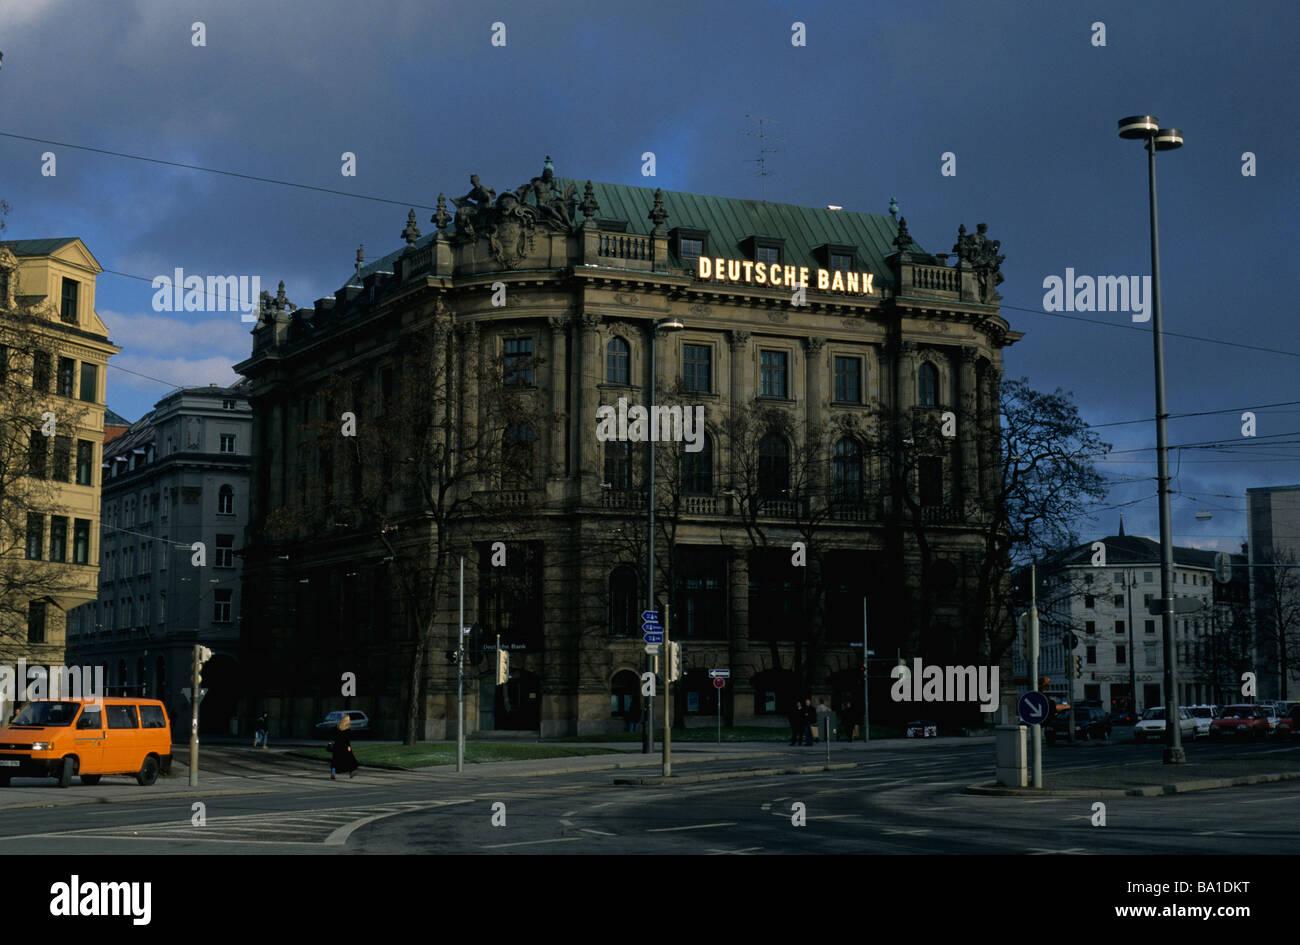 Deutsche Bank Munich Branches